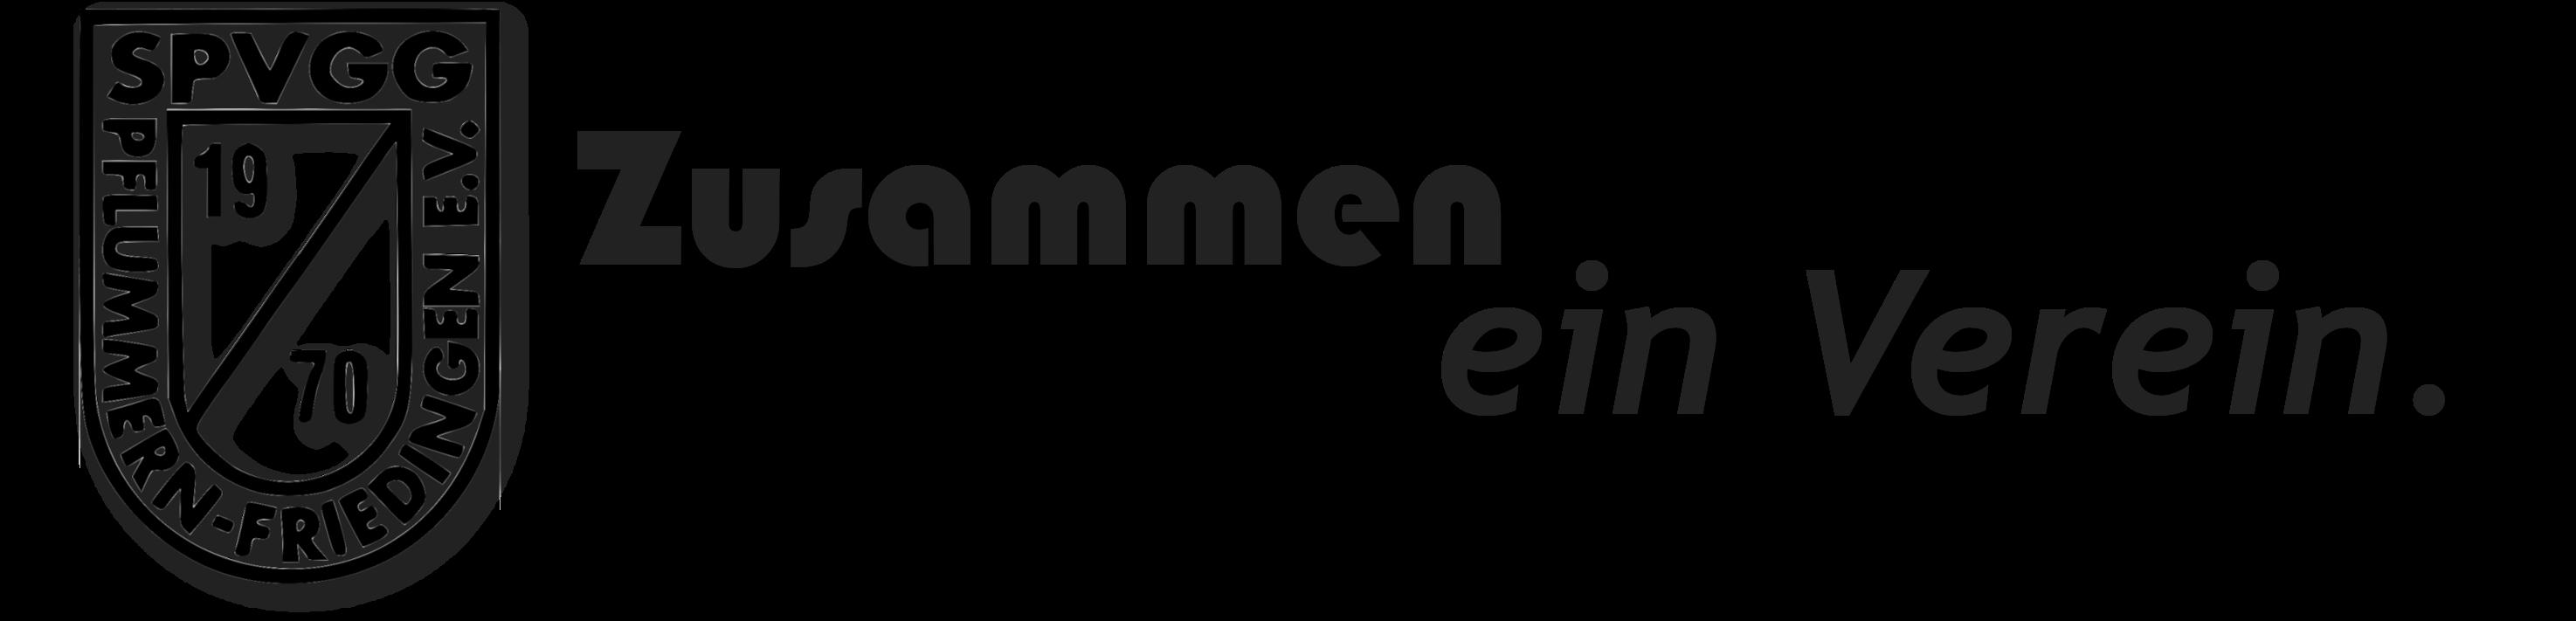 SpVgg Pflummern-Friedingen e.V.